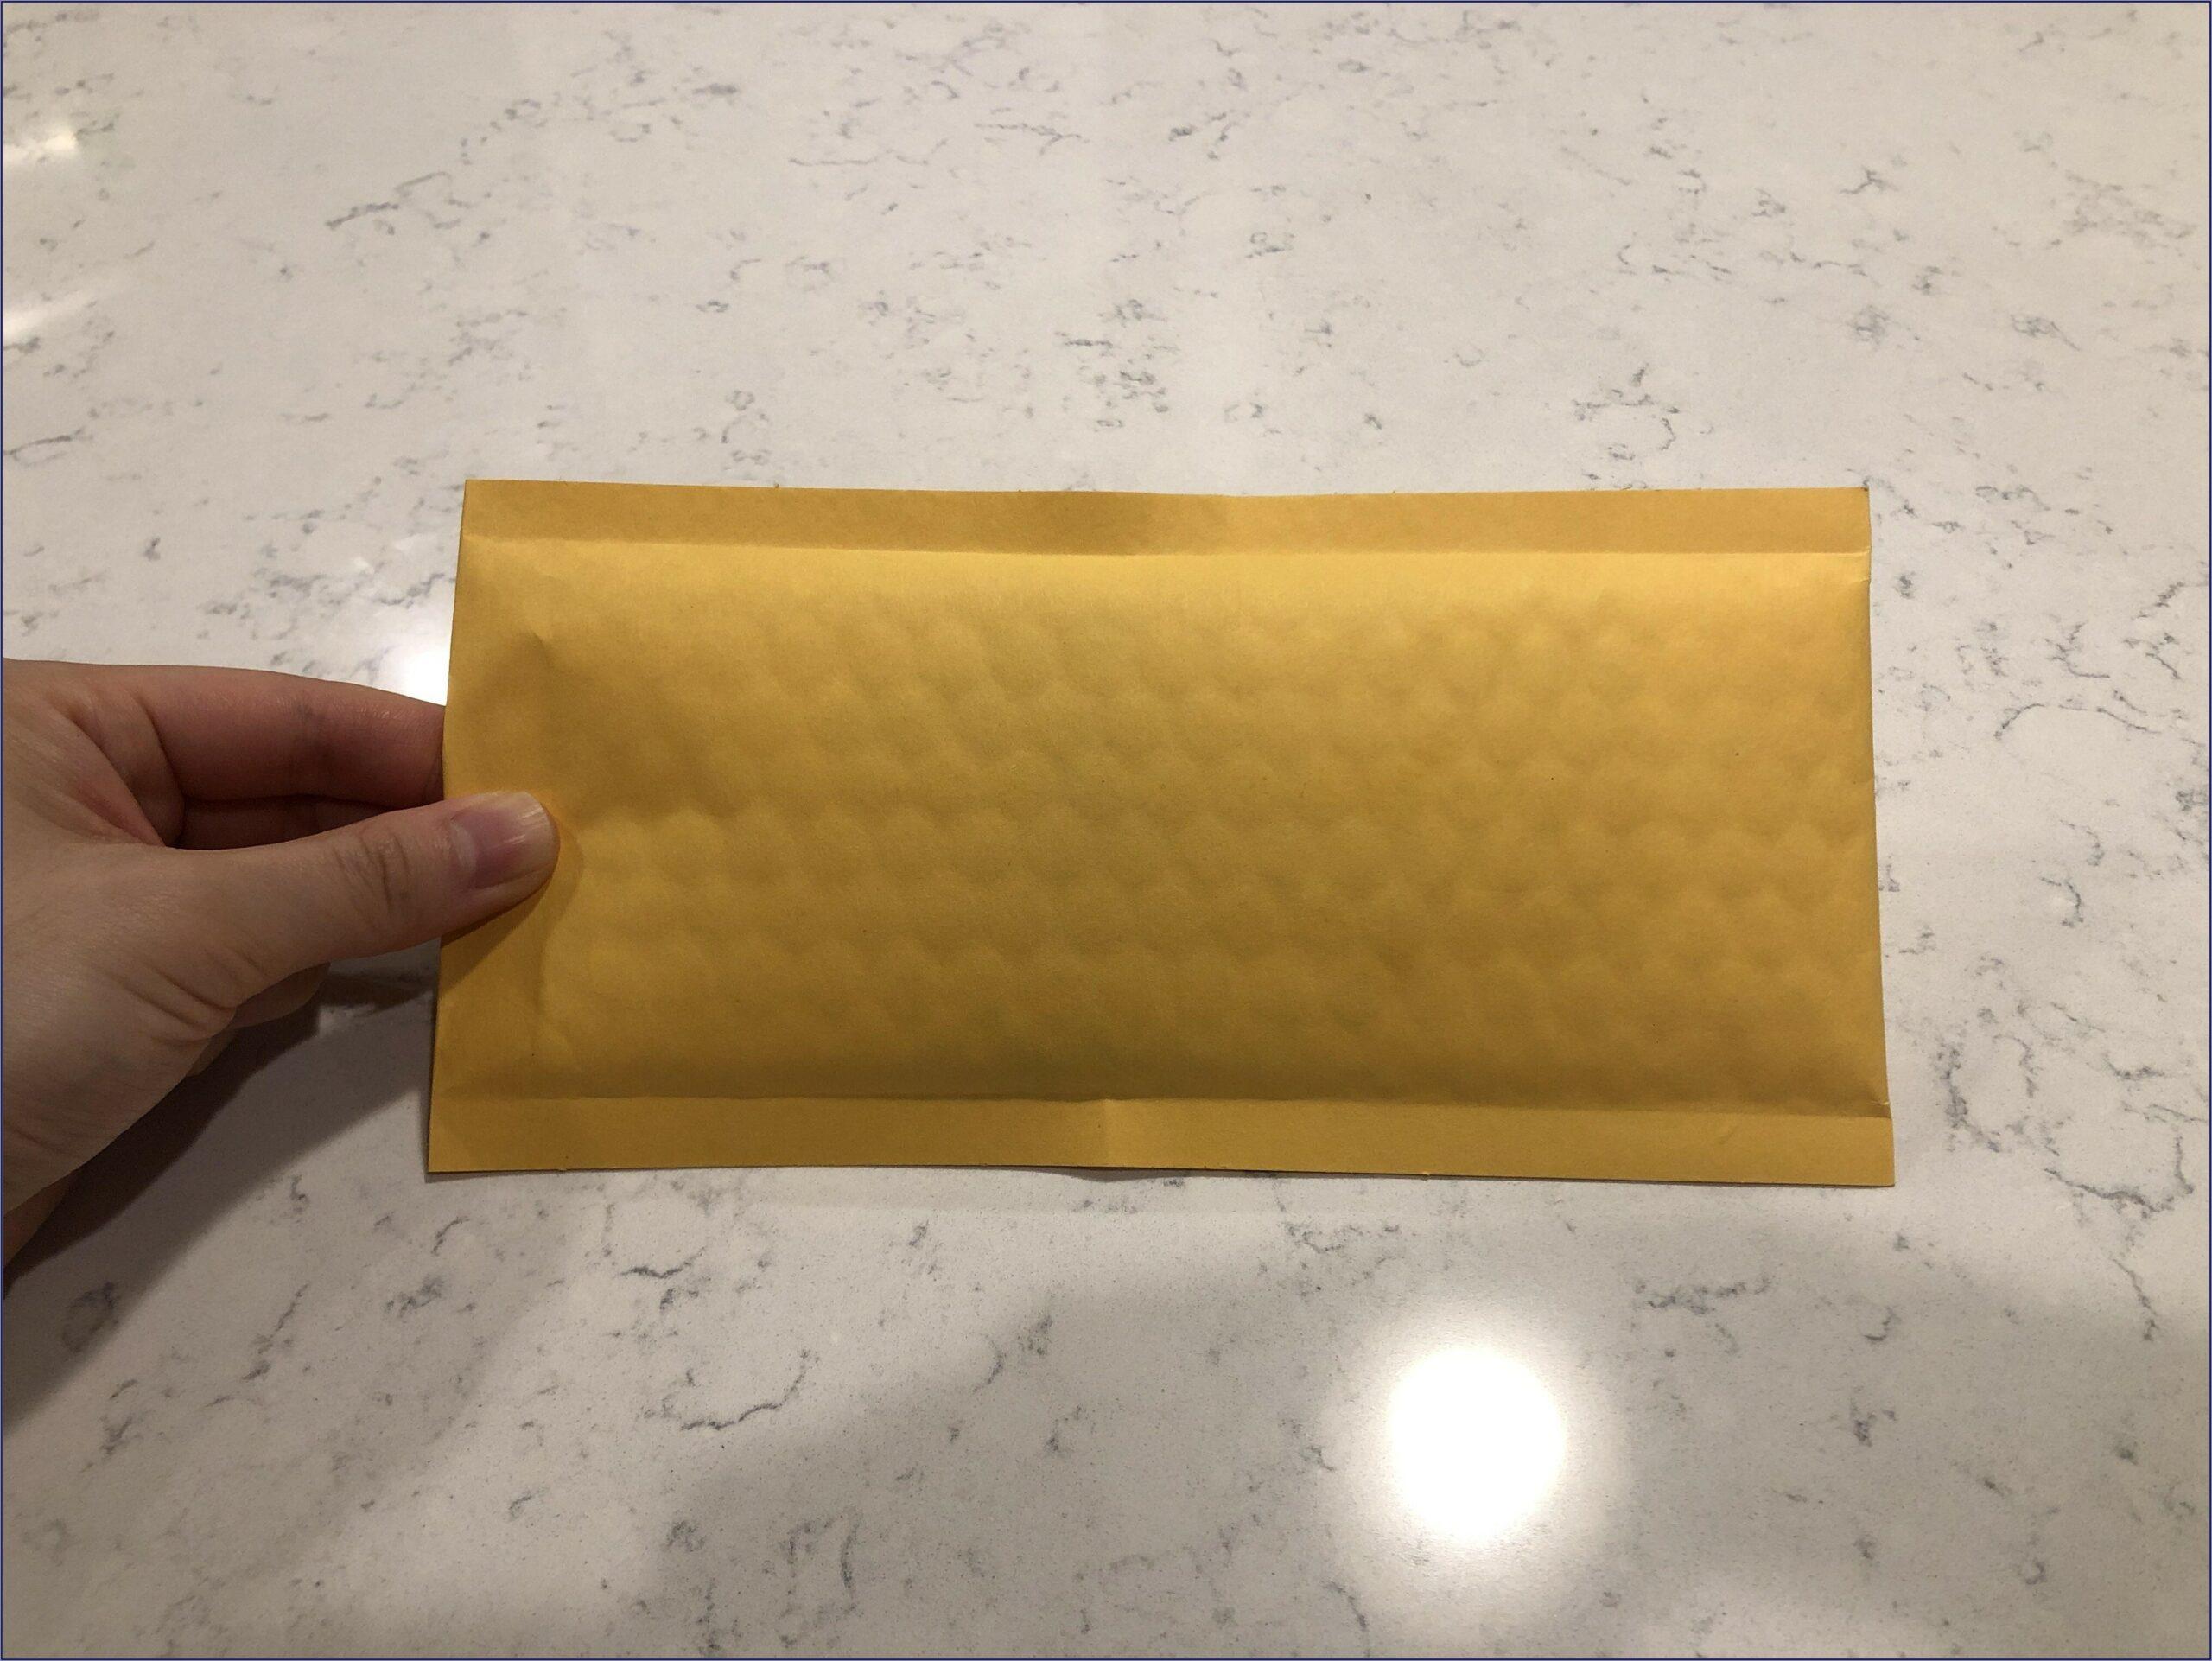 Postage For 6x9 Envelope 2019 Usps